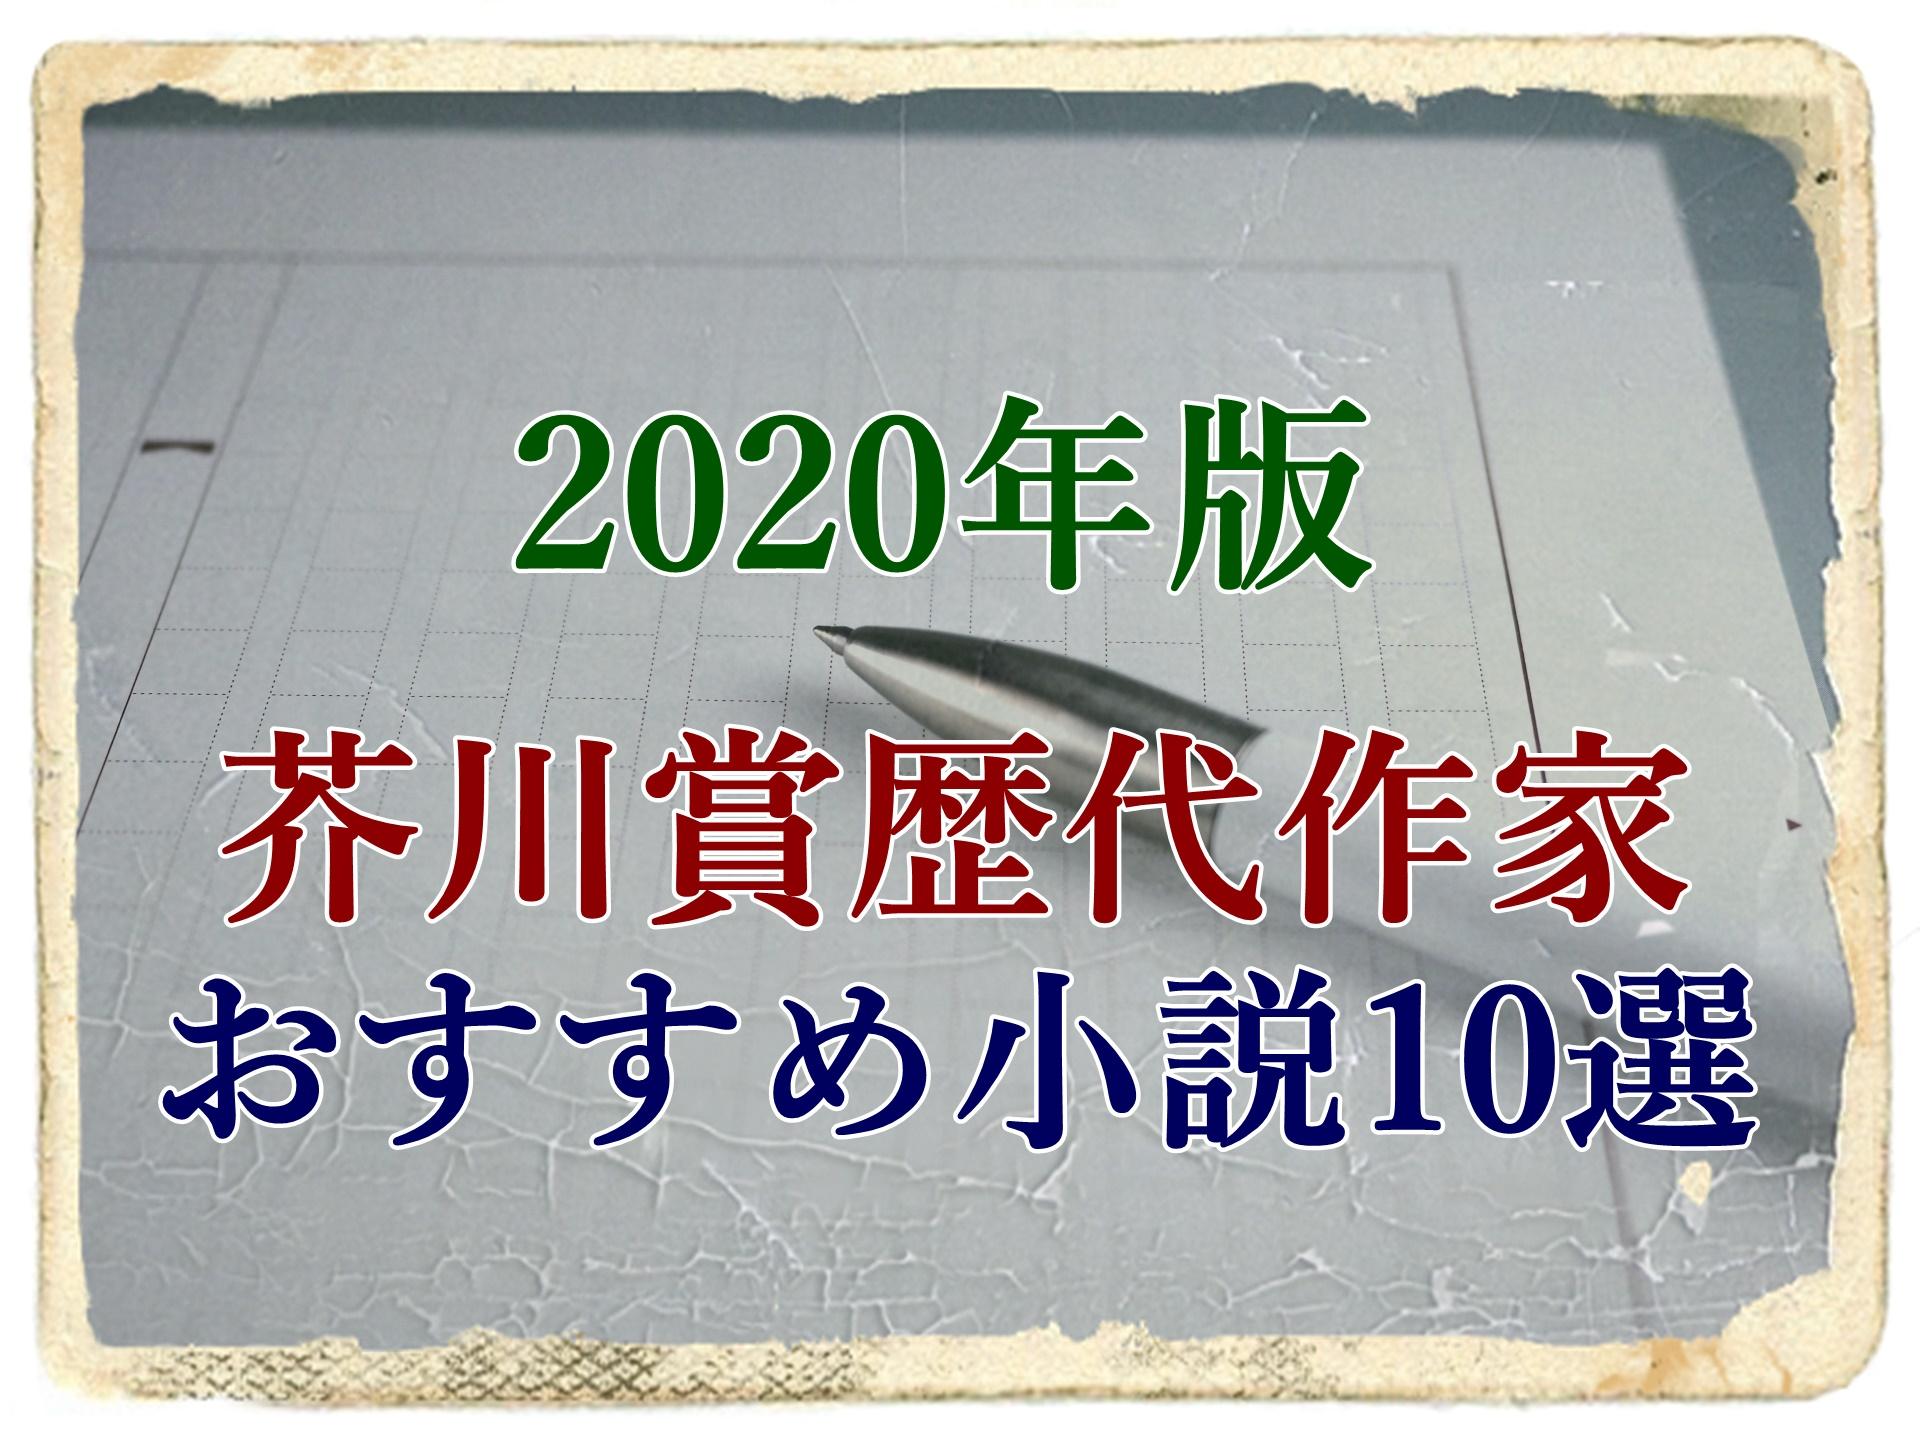 【2020年版】芥川賞歴代作家のおすすめ作品10選!あらすじと感想まとめ「面白い小説を厳選」